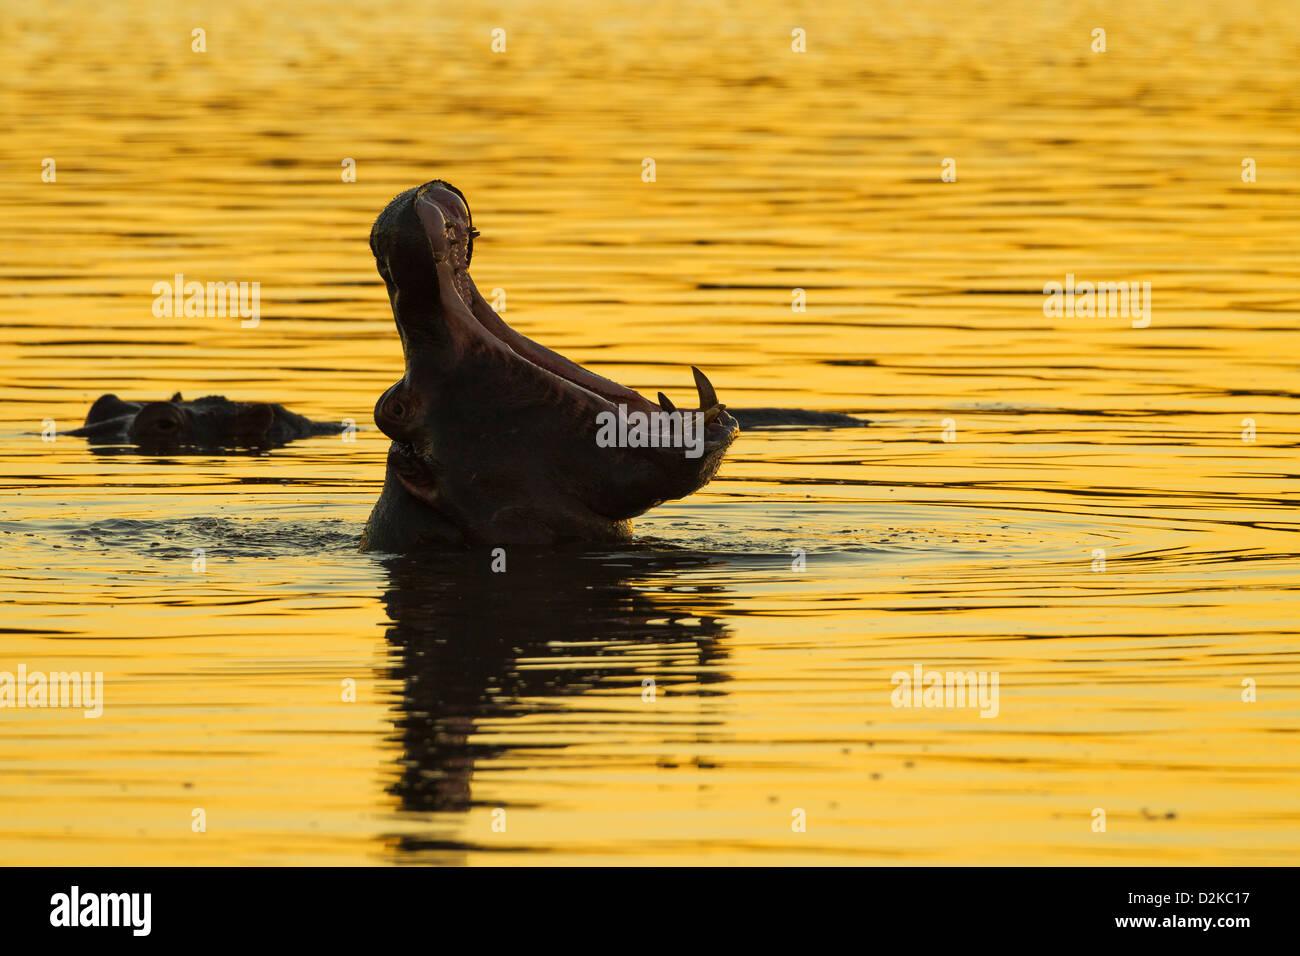 Silhouette von einem Nilpferd Gähnen im goldenen Abendlicht Stockfoto